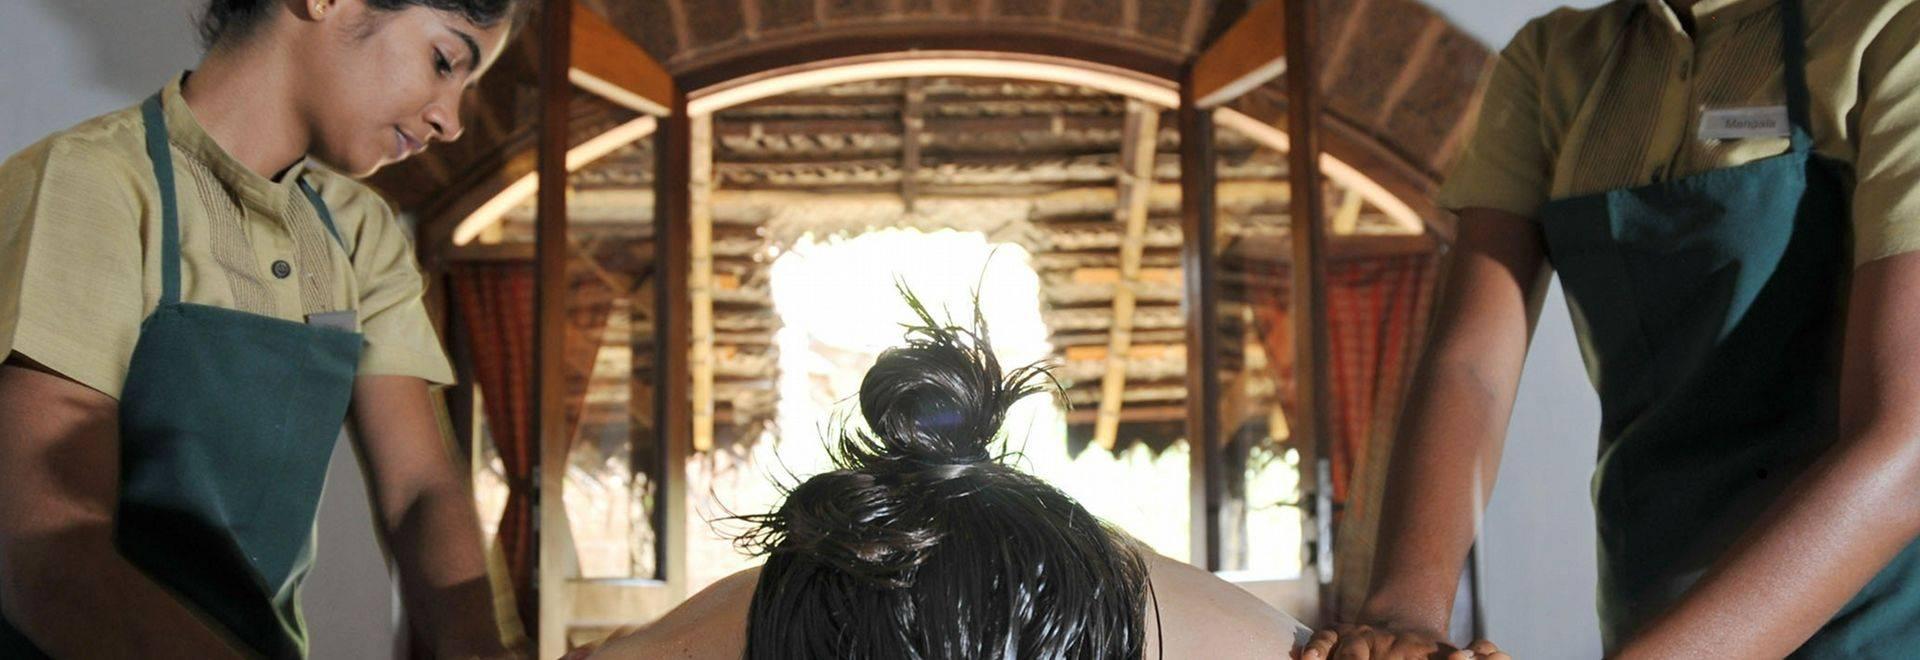 SwaSwara-massage-ayurveda.jpg